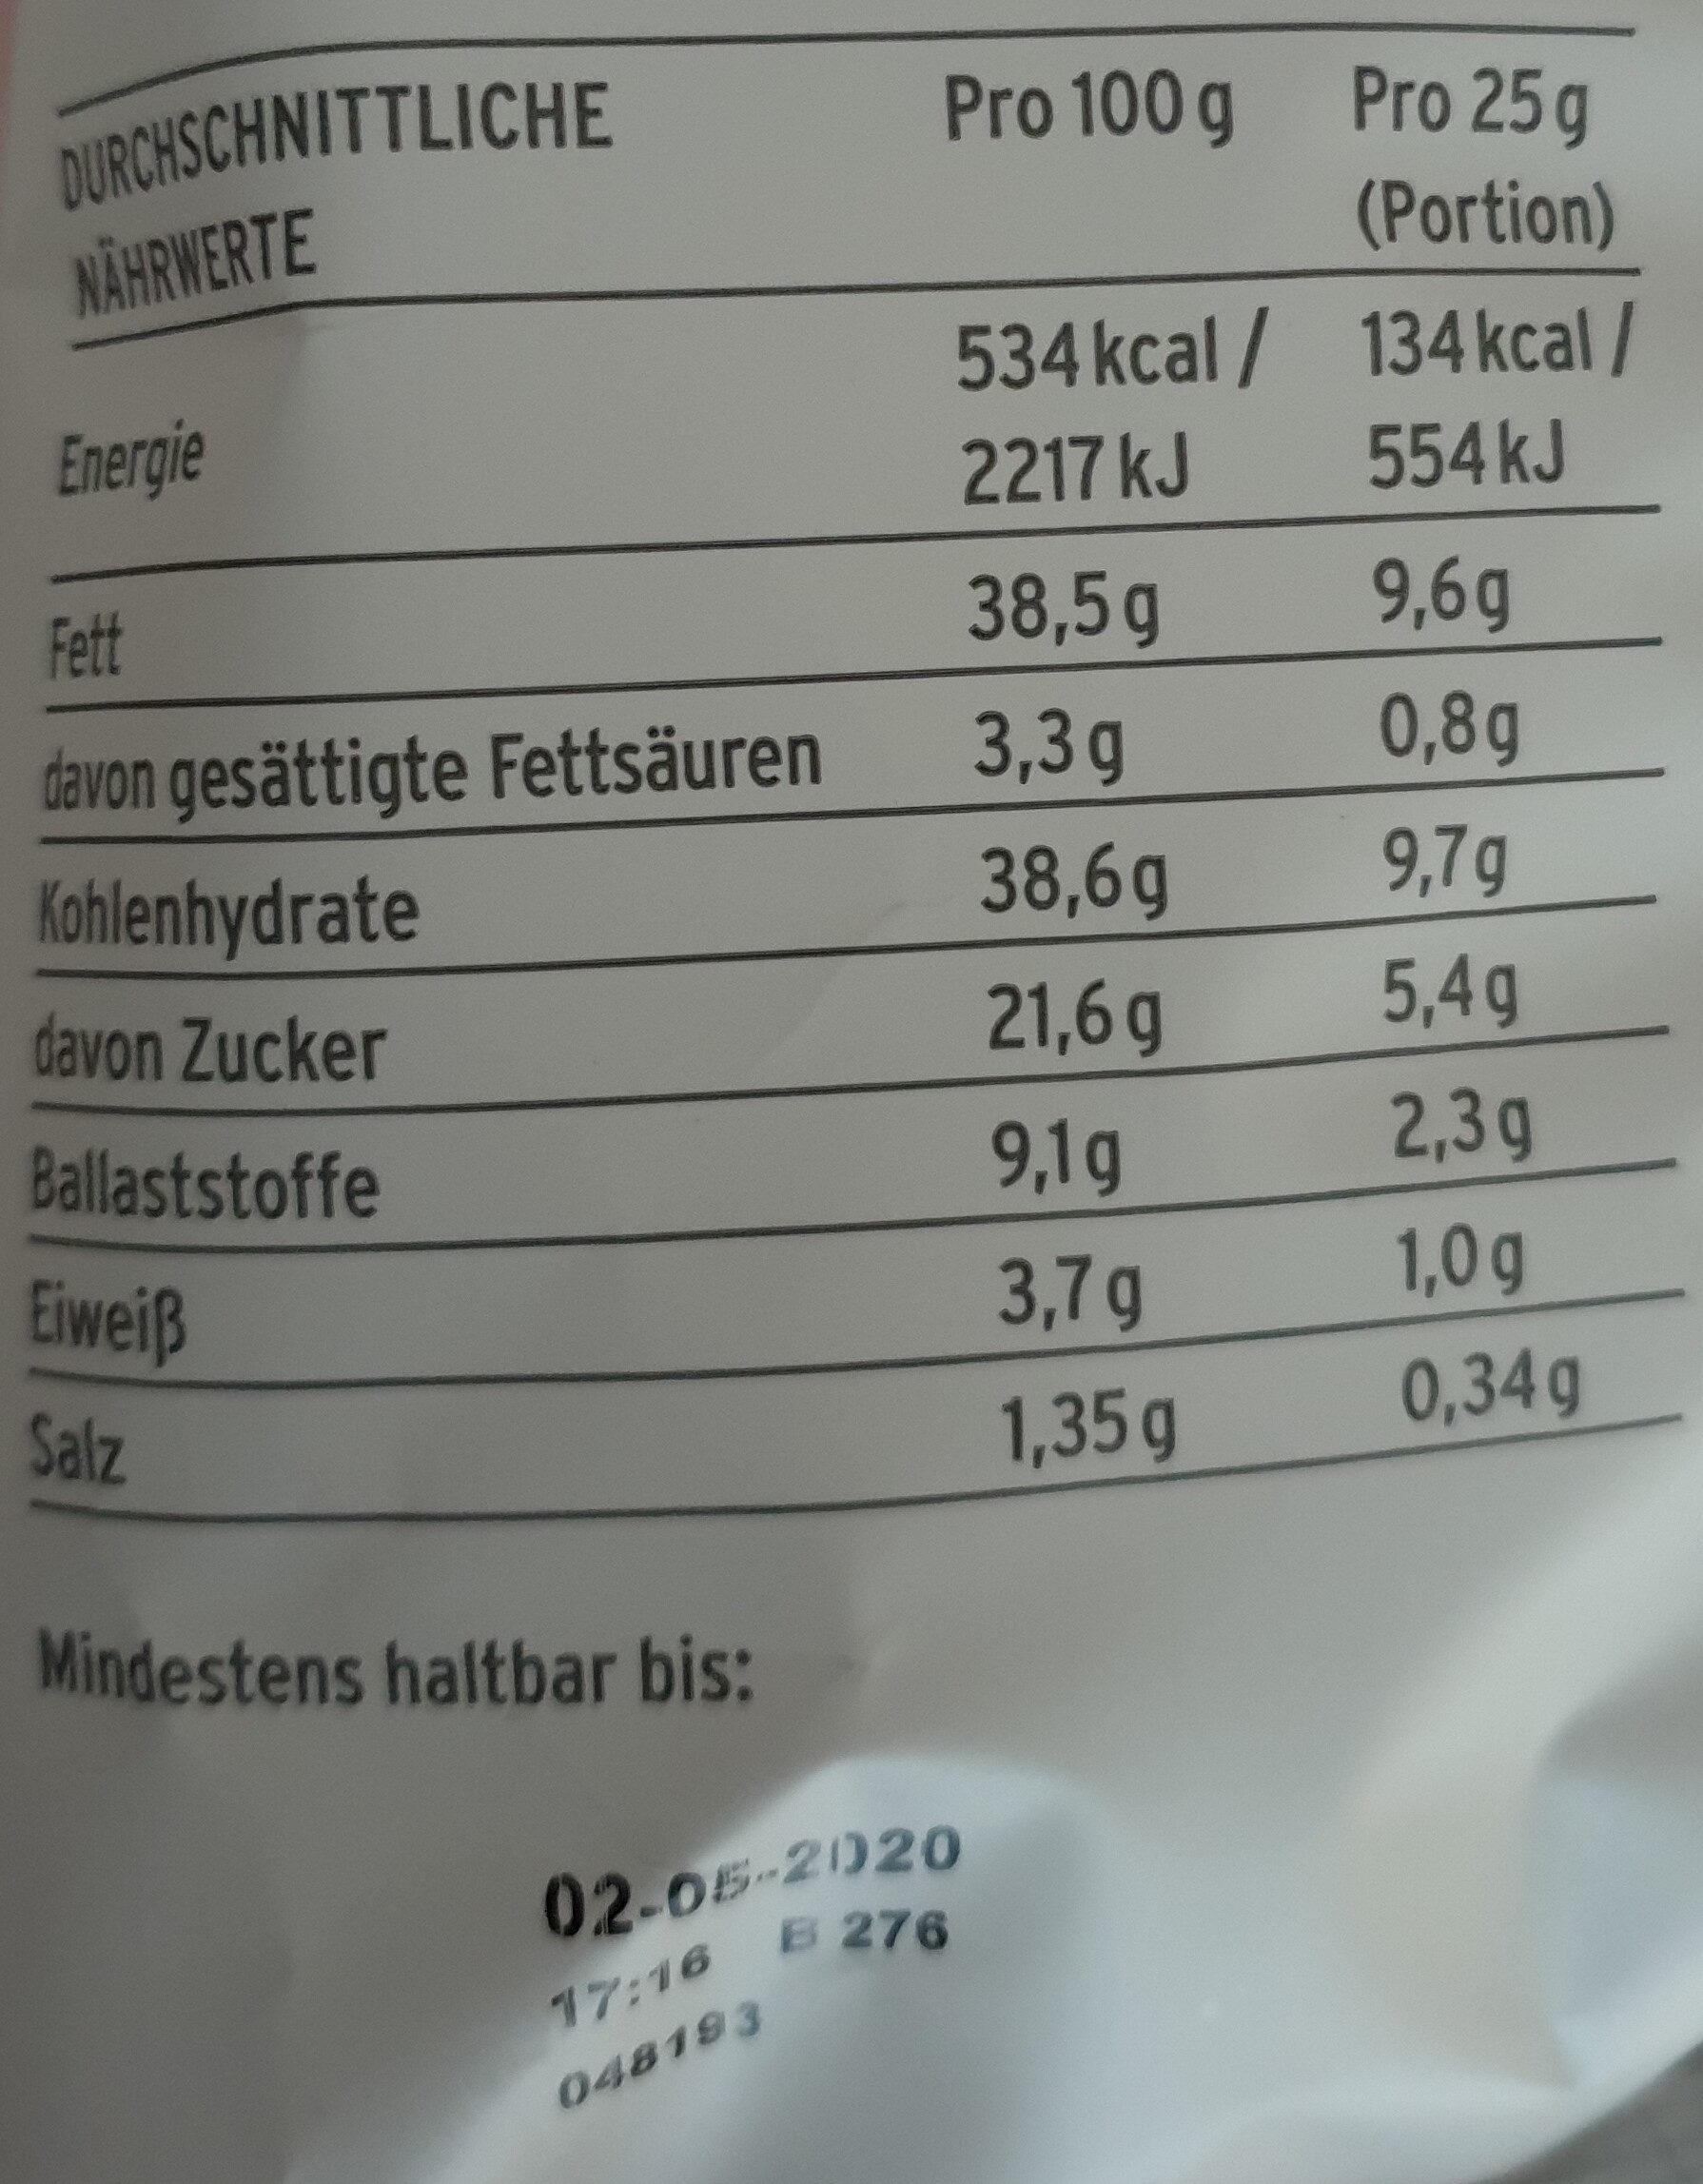 Süsskartoffelchips - Nutrition facts - de